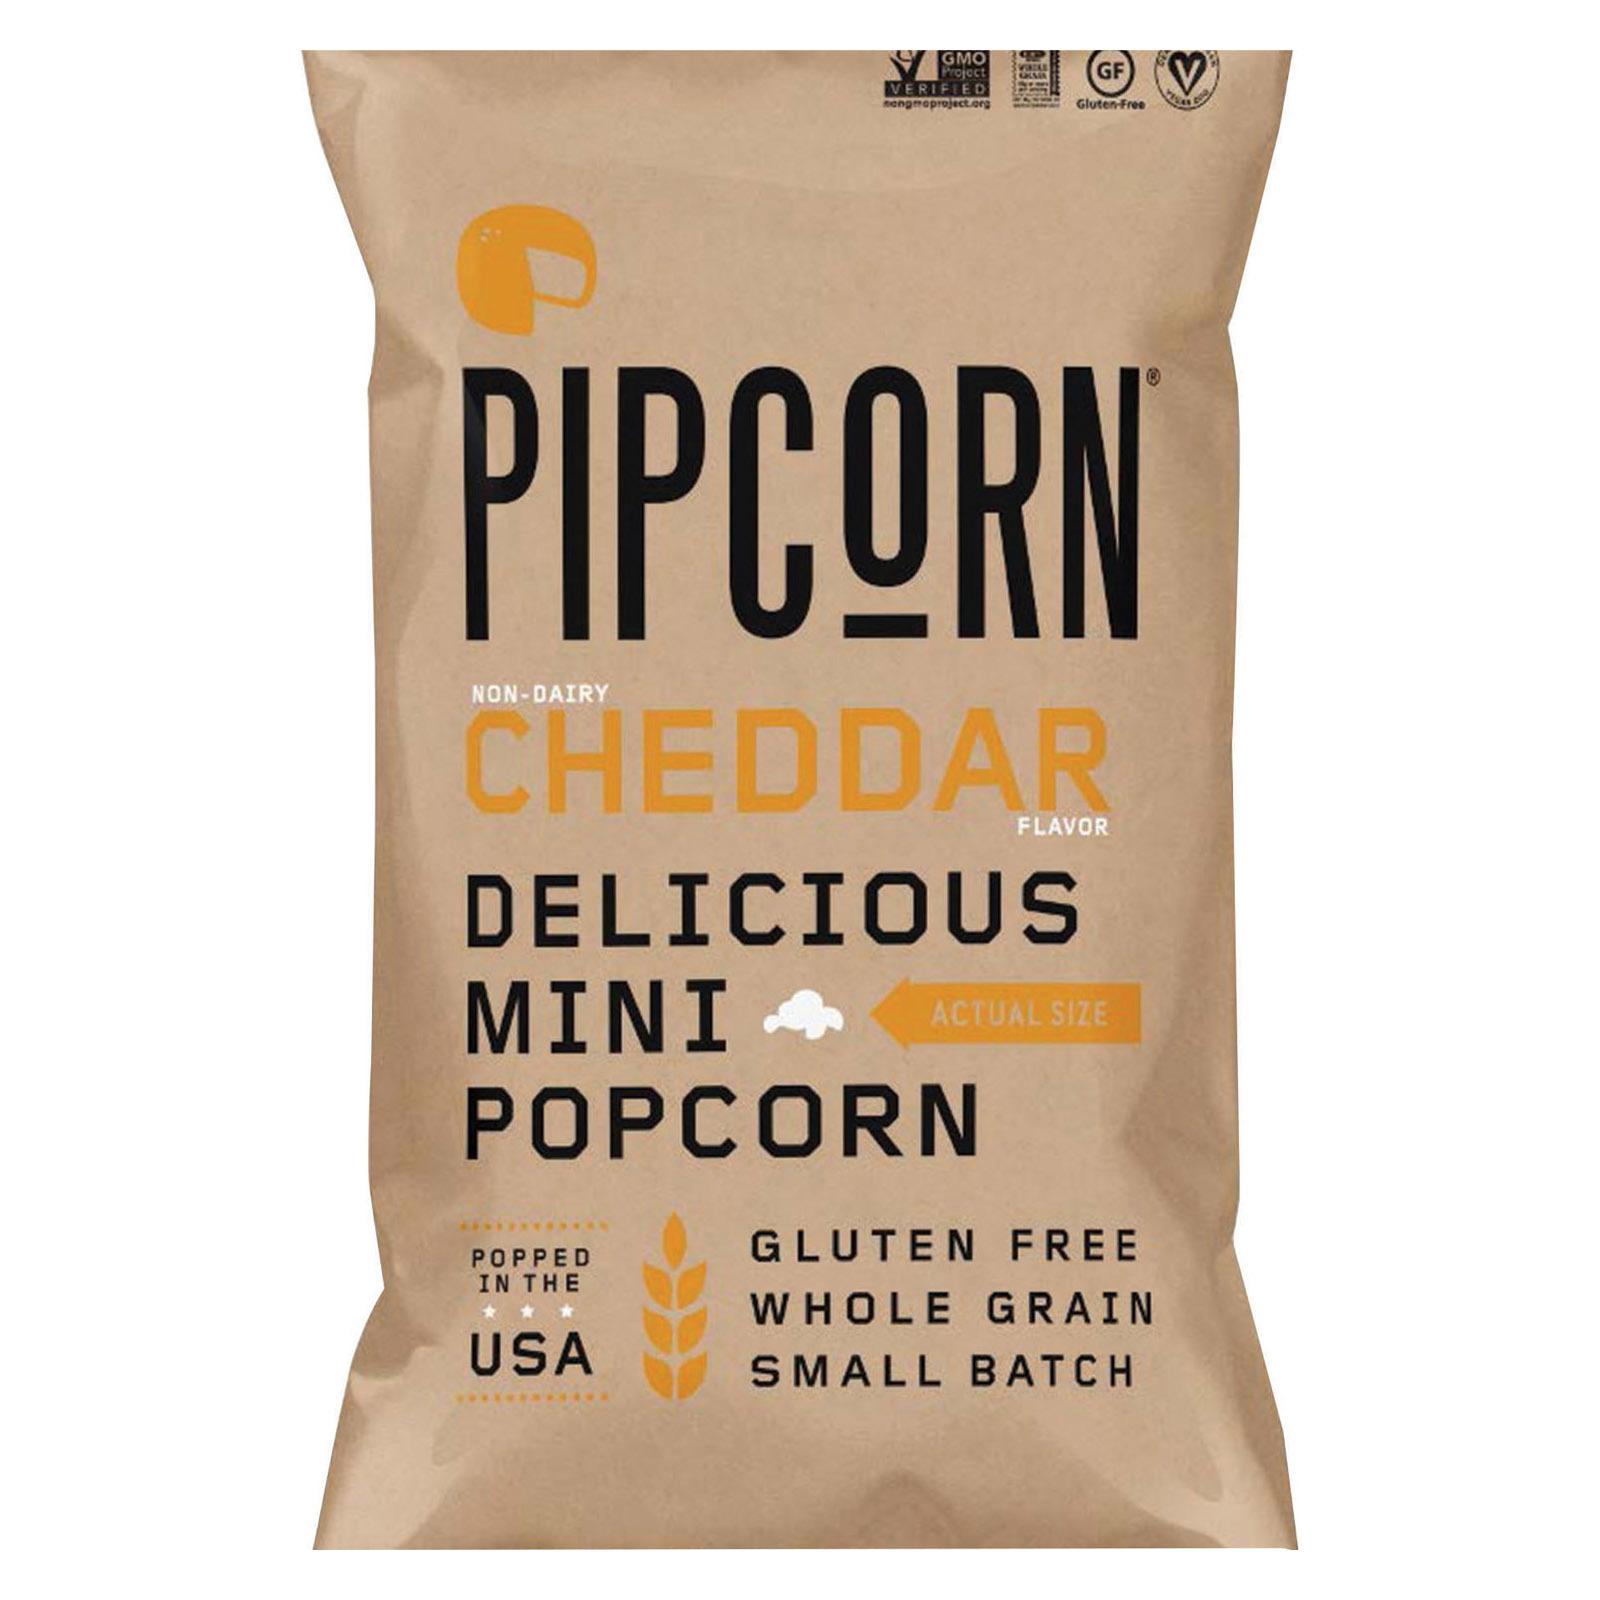 Pipcorn Mini Popcorn - Cheddar - Case of 12 - 4 oz